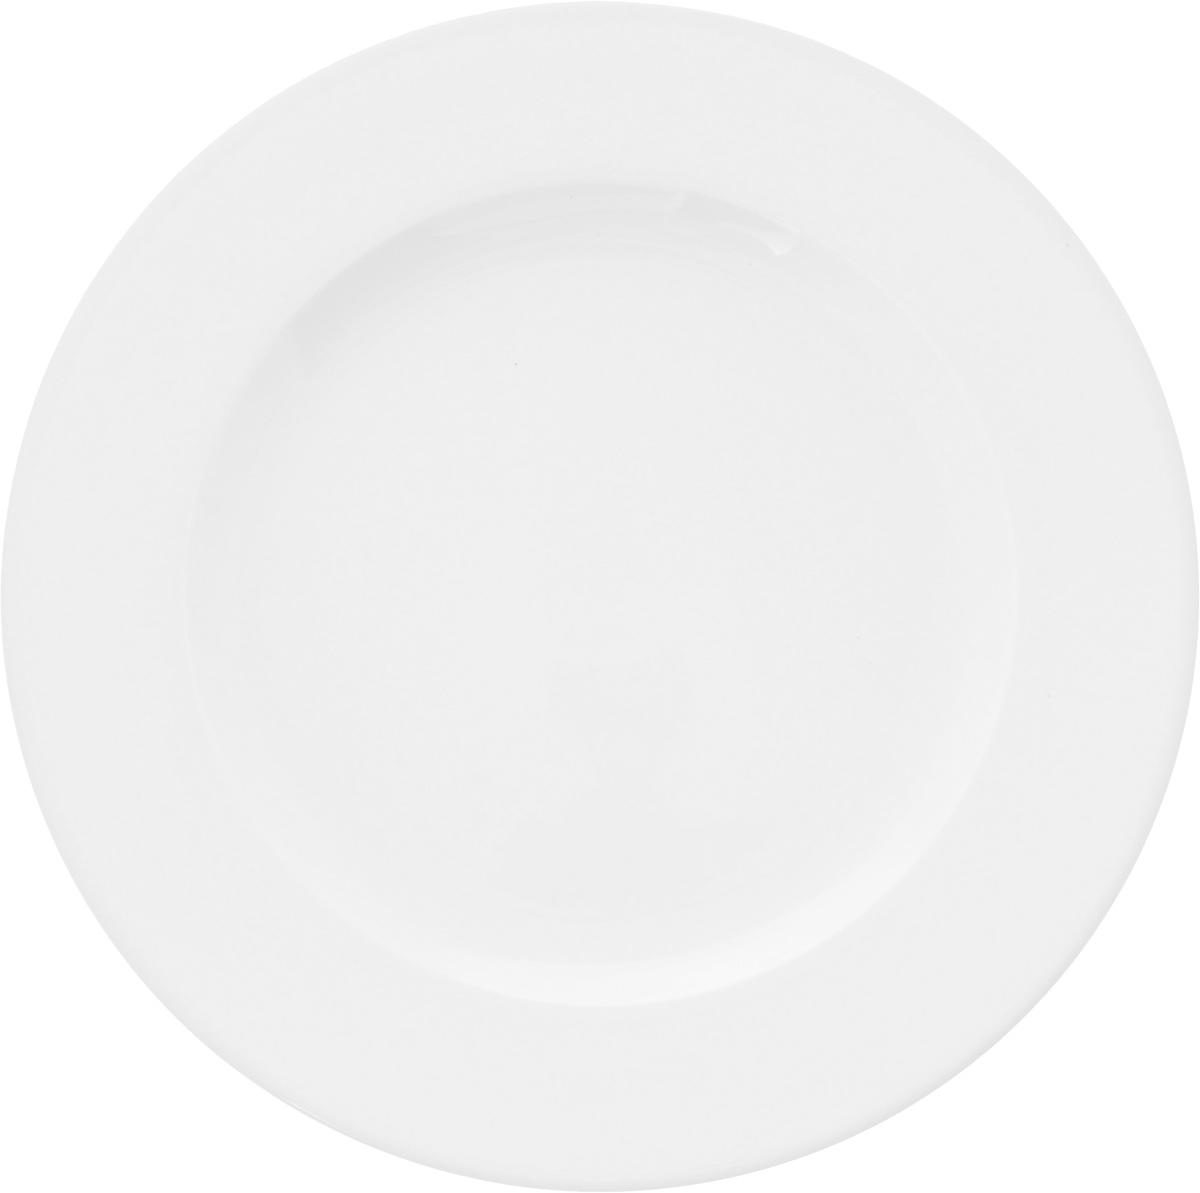 Тарелка Ariane Прайм, диаметр 24 смAPRARN11024Оригинальная тарелка Ariane Прайм изготовлена из высококачественного фарфора с глазурованным покрытием. Изделие круглой формы идеально подходит для сервировки закусок и других блюд. Такая тарелка прекрасно впишется в интерьер вашей кухни и станет достойным дополнением к кухонному инвентарю. Можно мыть в посудомоечной машине и использовать в микроволновой печи. Диаметр тарелки (по верхнему краю): 24 см.